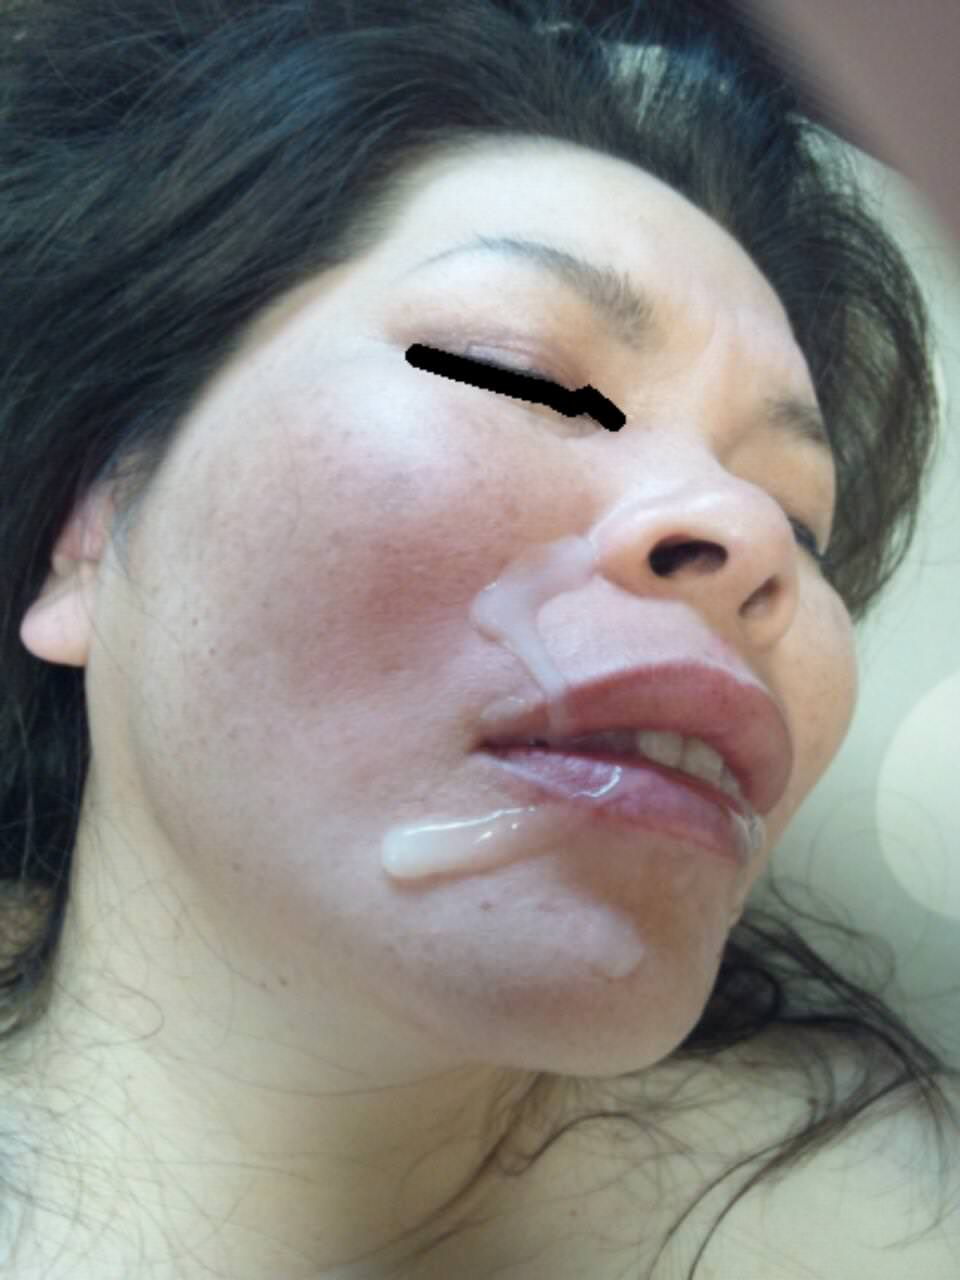 元ヤリマンの人妻OLをラブホに連れ込んで顔射したったwwwwwwww 1121